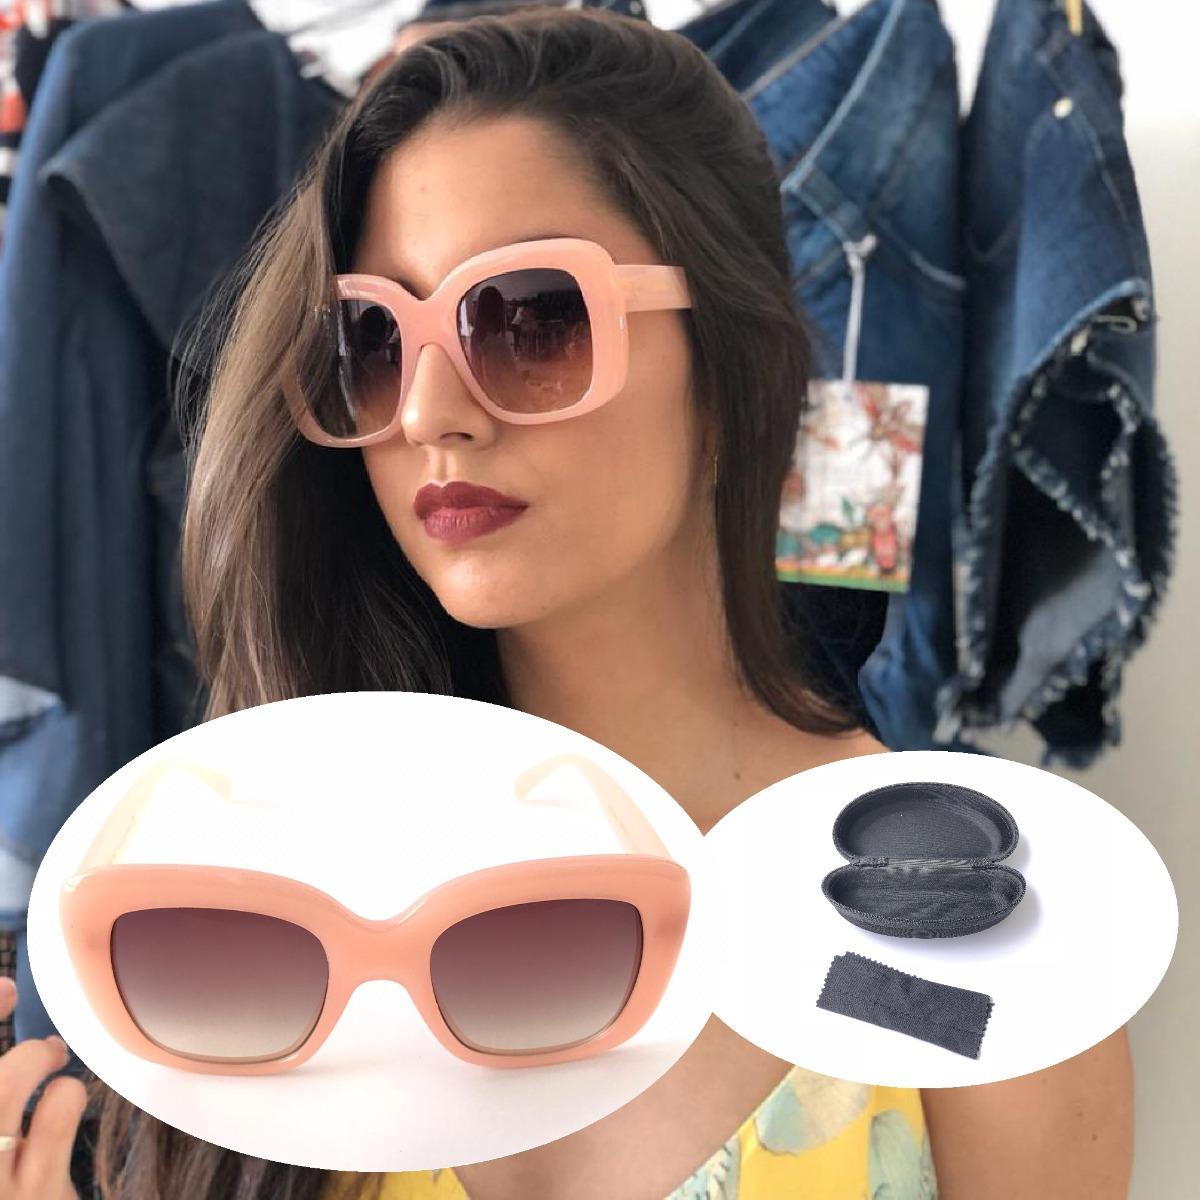 420c0c84b Óculos De Sol Feminino Quadrado Retangular Mascara Promoção - R$ 120 ...